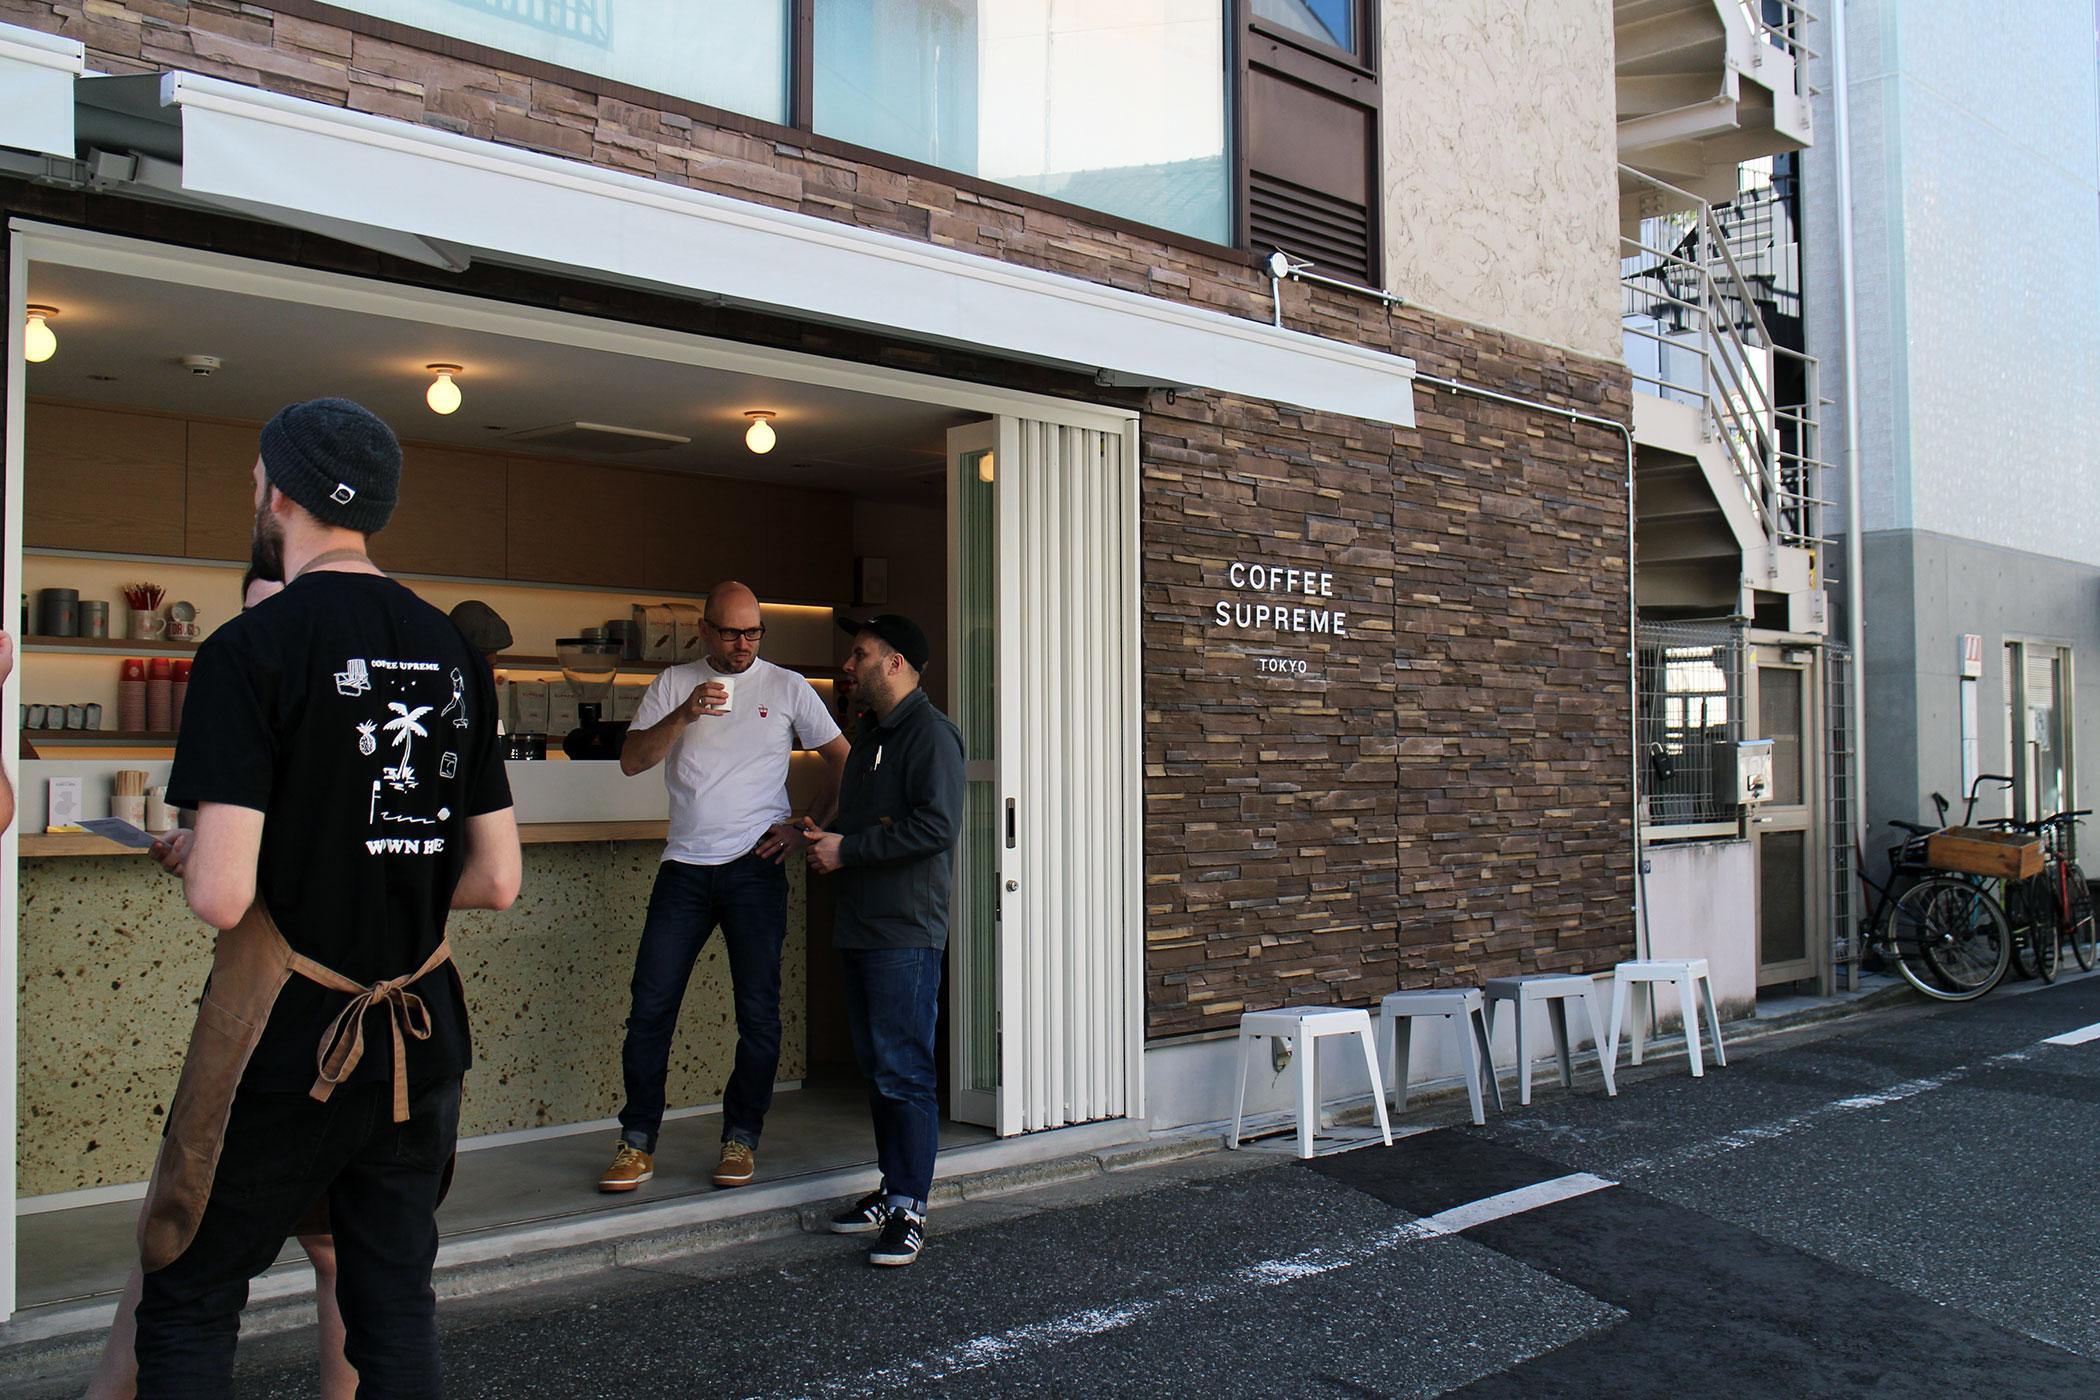 2017年11月の人気カフェ&コーヒースタンド 5位 COFFEE SUPREME TOKYO (コーヒースープリーム東京)